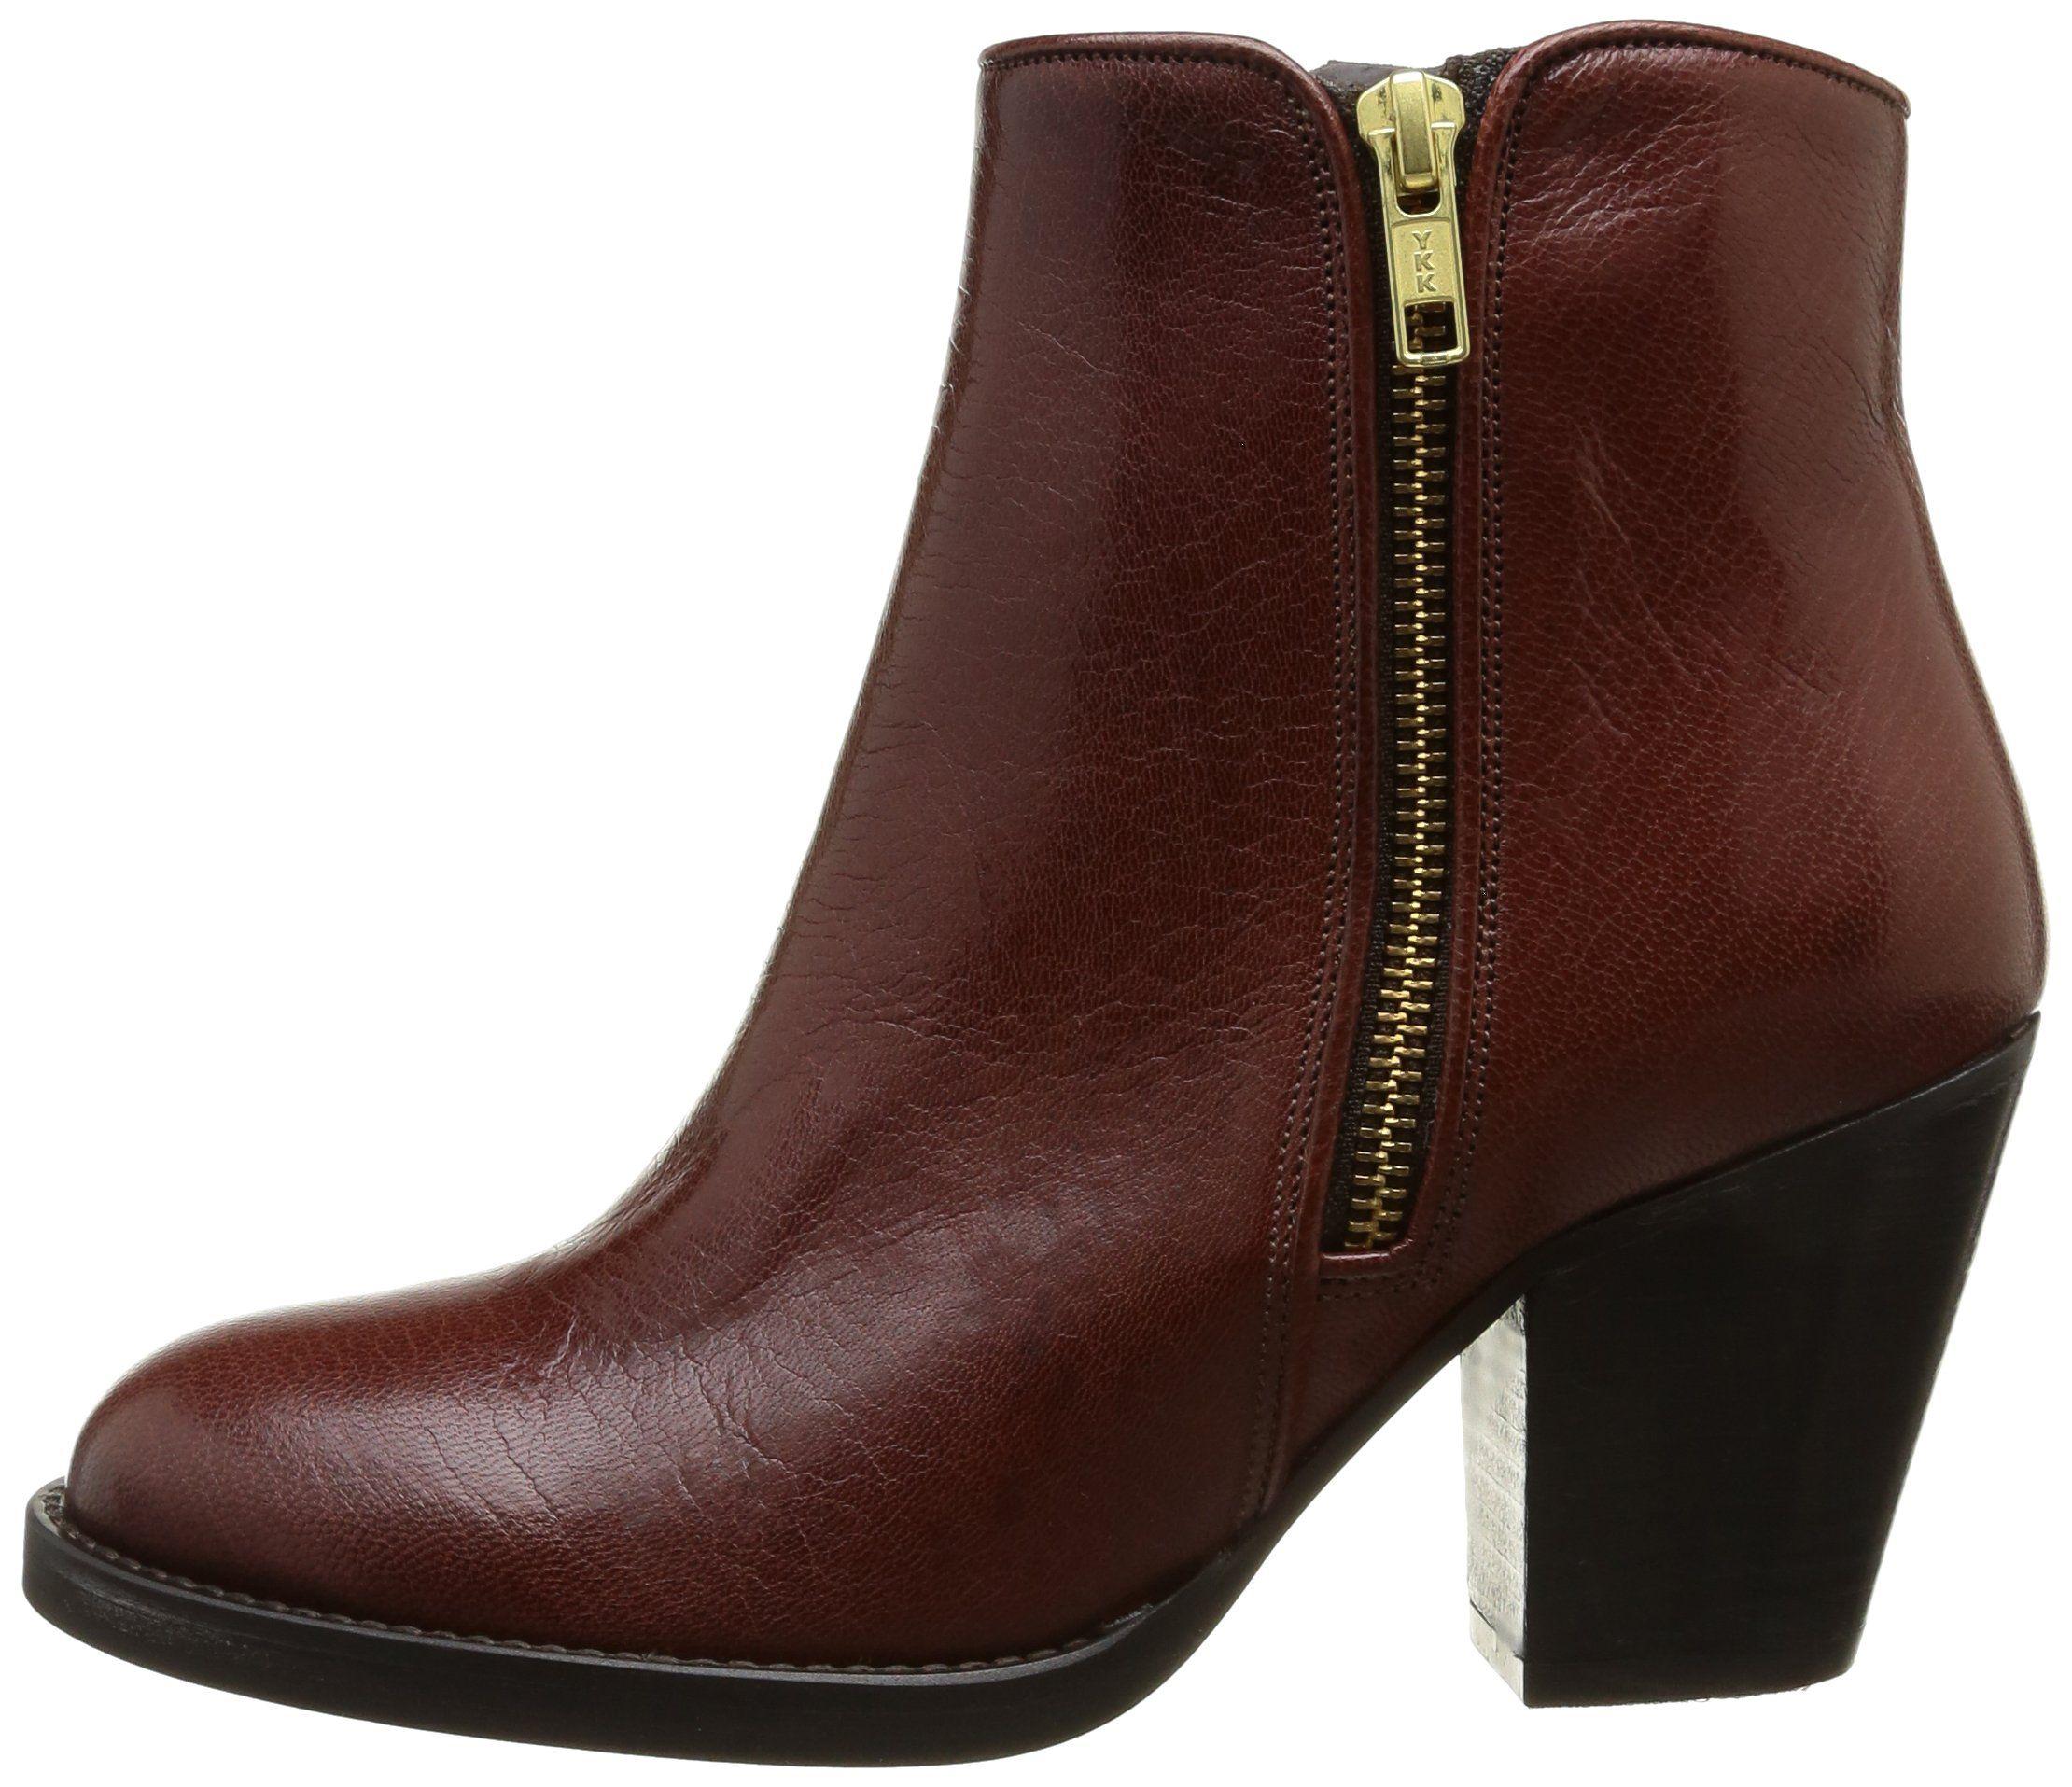 e0e911c05db Jonak 277 Angie Cu H4, Boots femme: Amazon.fr: Chaussures et Sacs ...